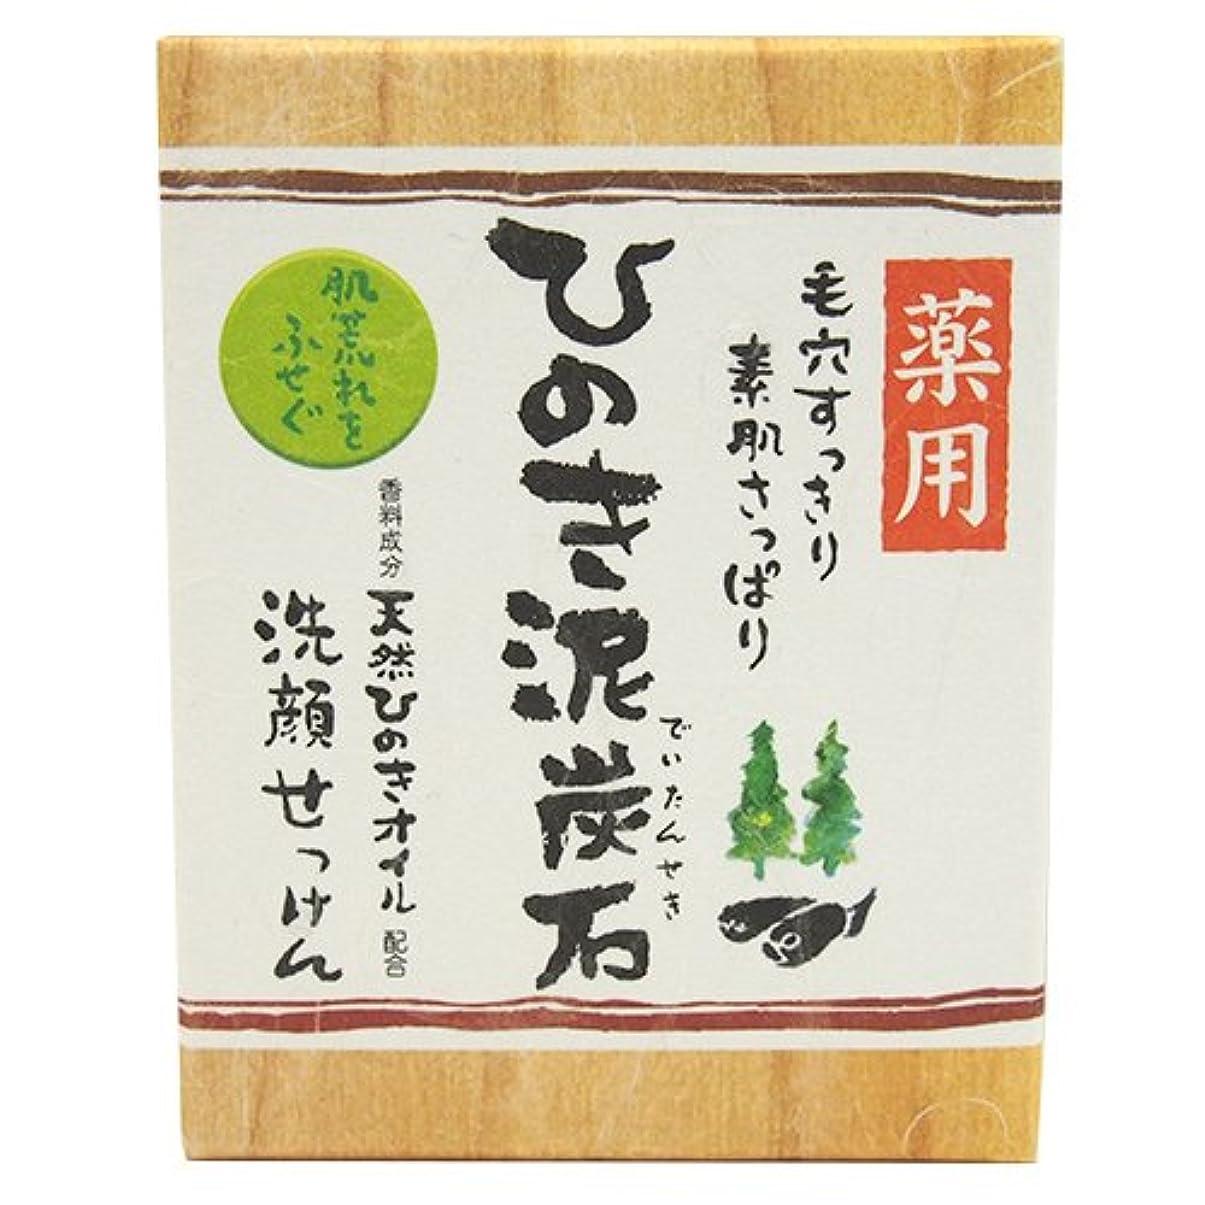 嵐昼間ルーフ東京宝 薬用ひのき泥炭石 すっきり黒タイプ 洗顔石鹸 75g